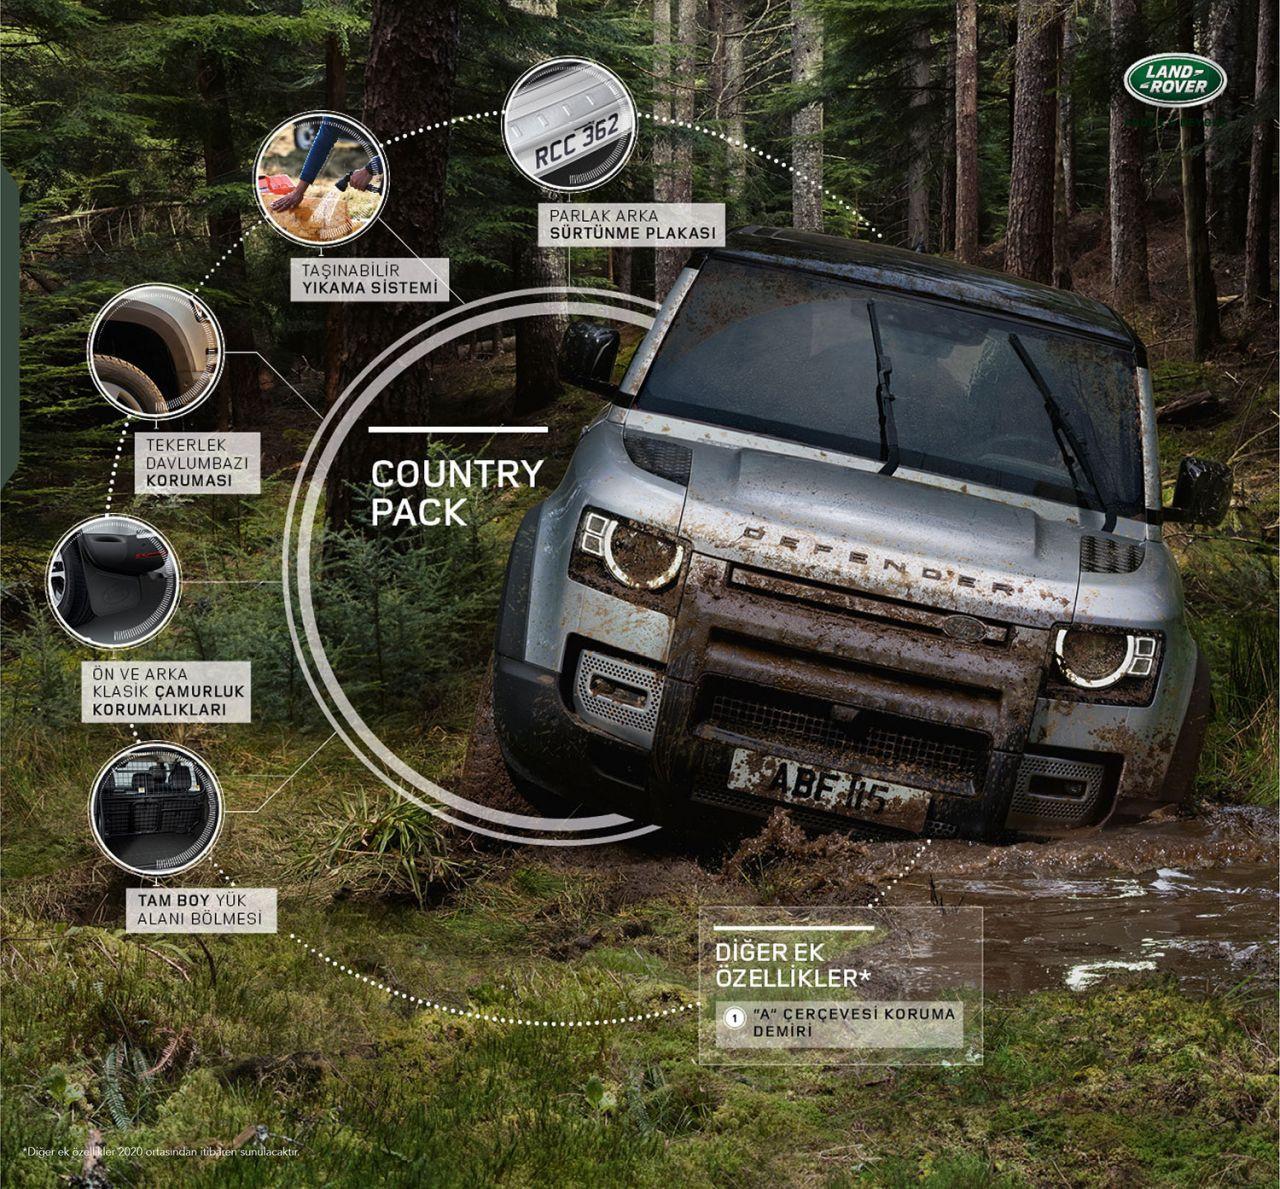 Land Rover Defender Türkiye fiyatı ile dudak uçuklatıyor! - Page 3